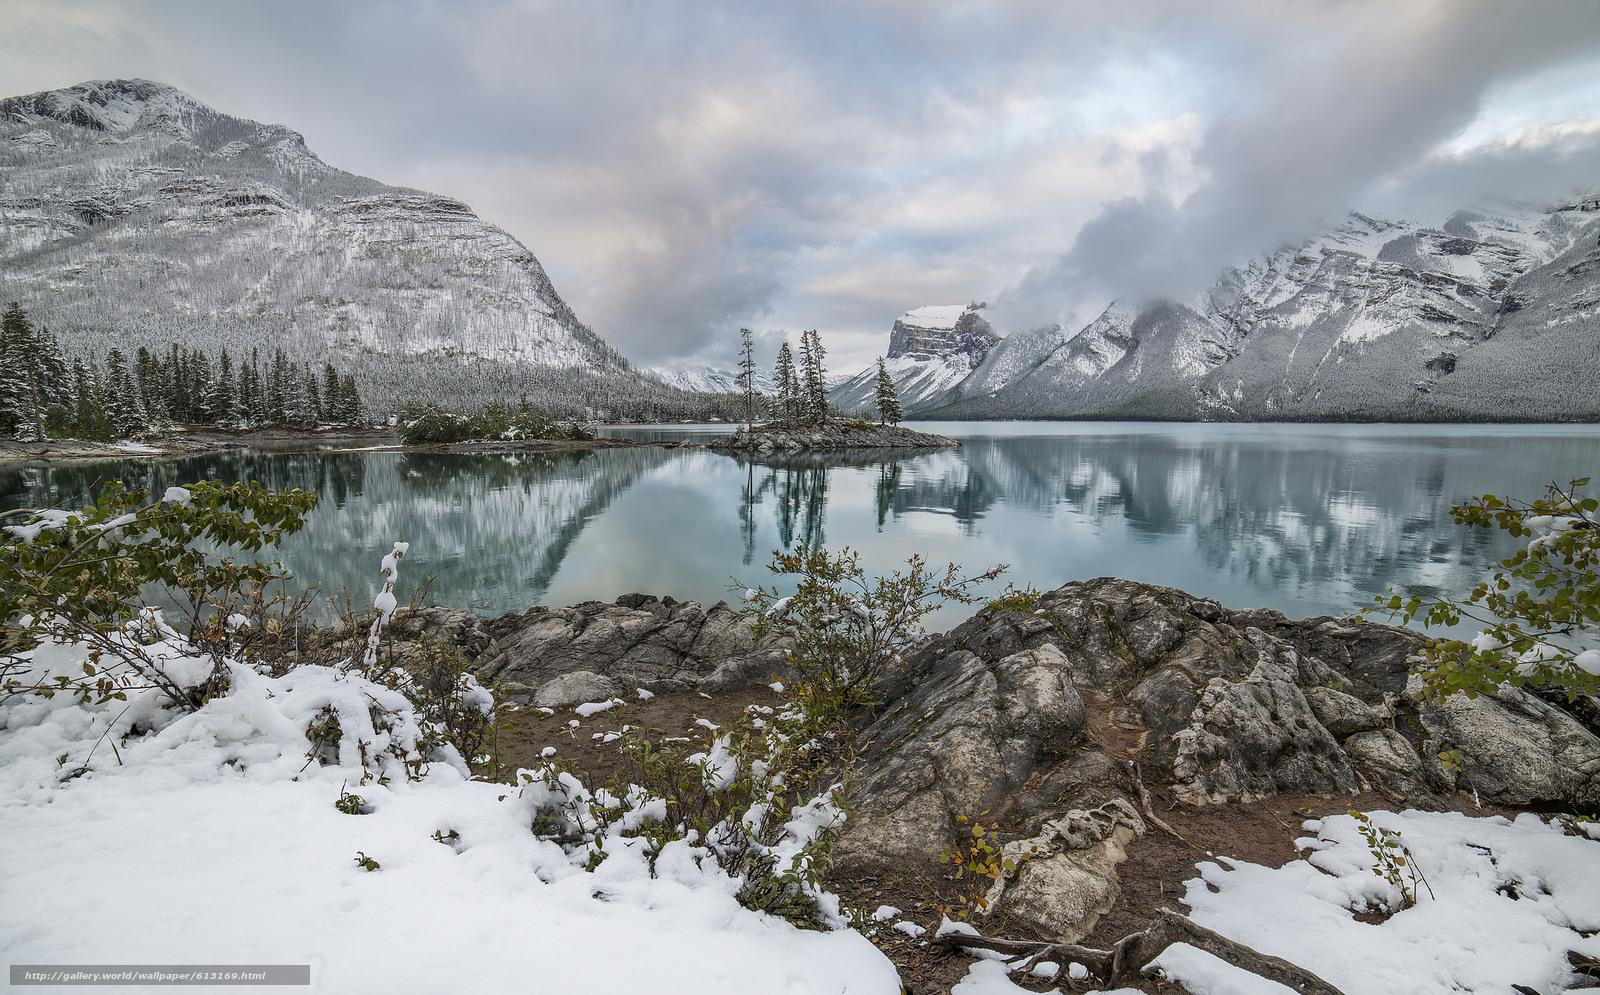 Скачать обои Lake Minnewanka,  Canadian Rockies,  Banff National Park,  Alberta бесплатно для рабочего стола в разрешении 2048x1274 — картинка №613169